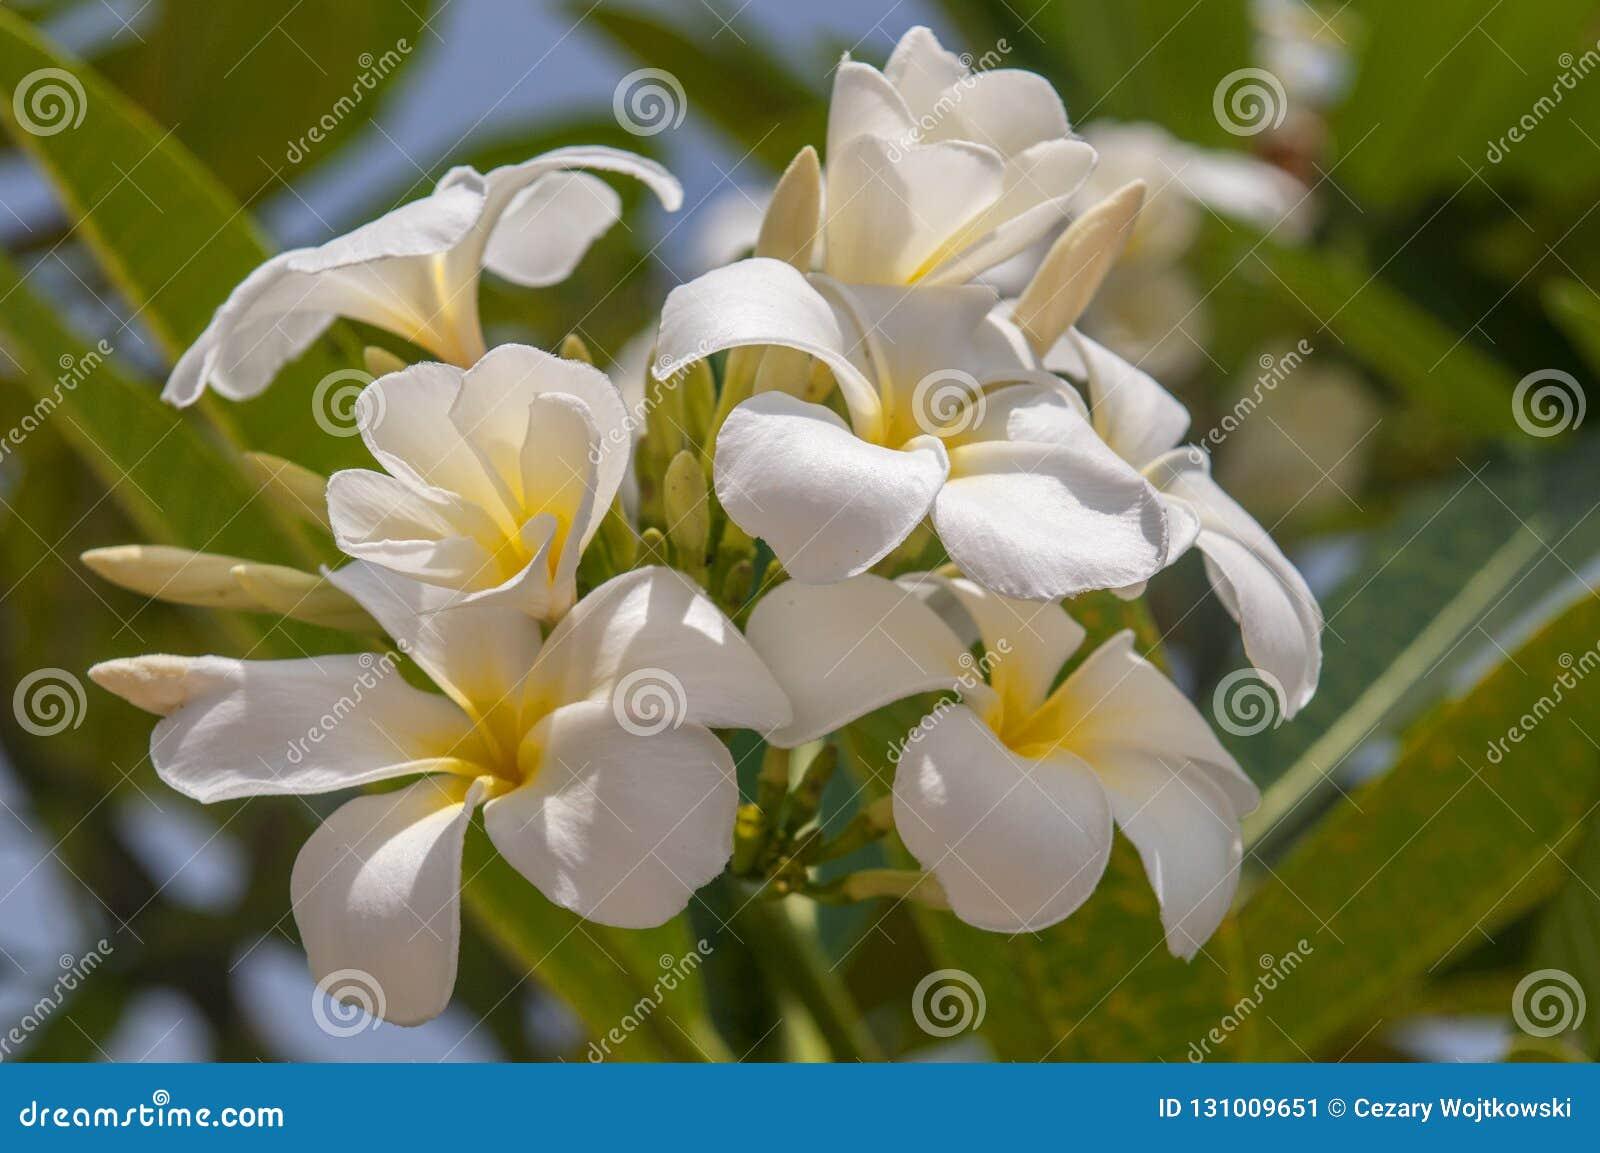 White Flowers On A Frangipani Tree White Plumeria An Ornamental